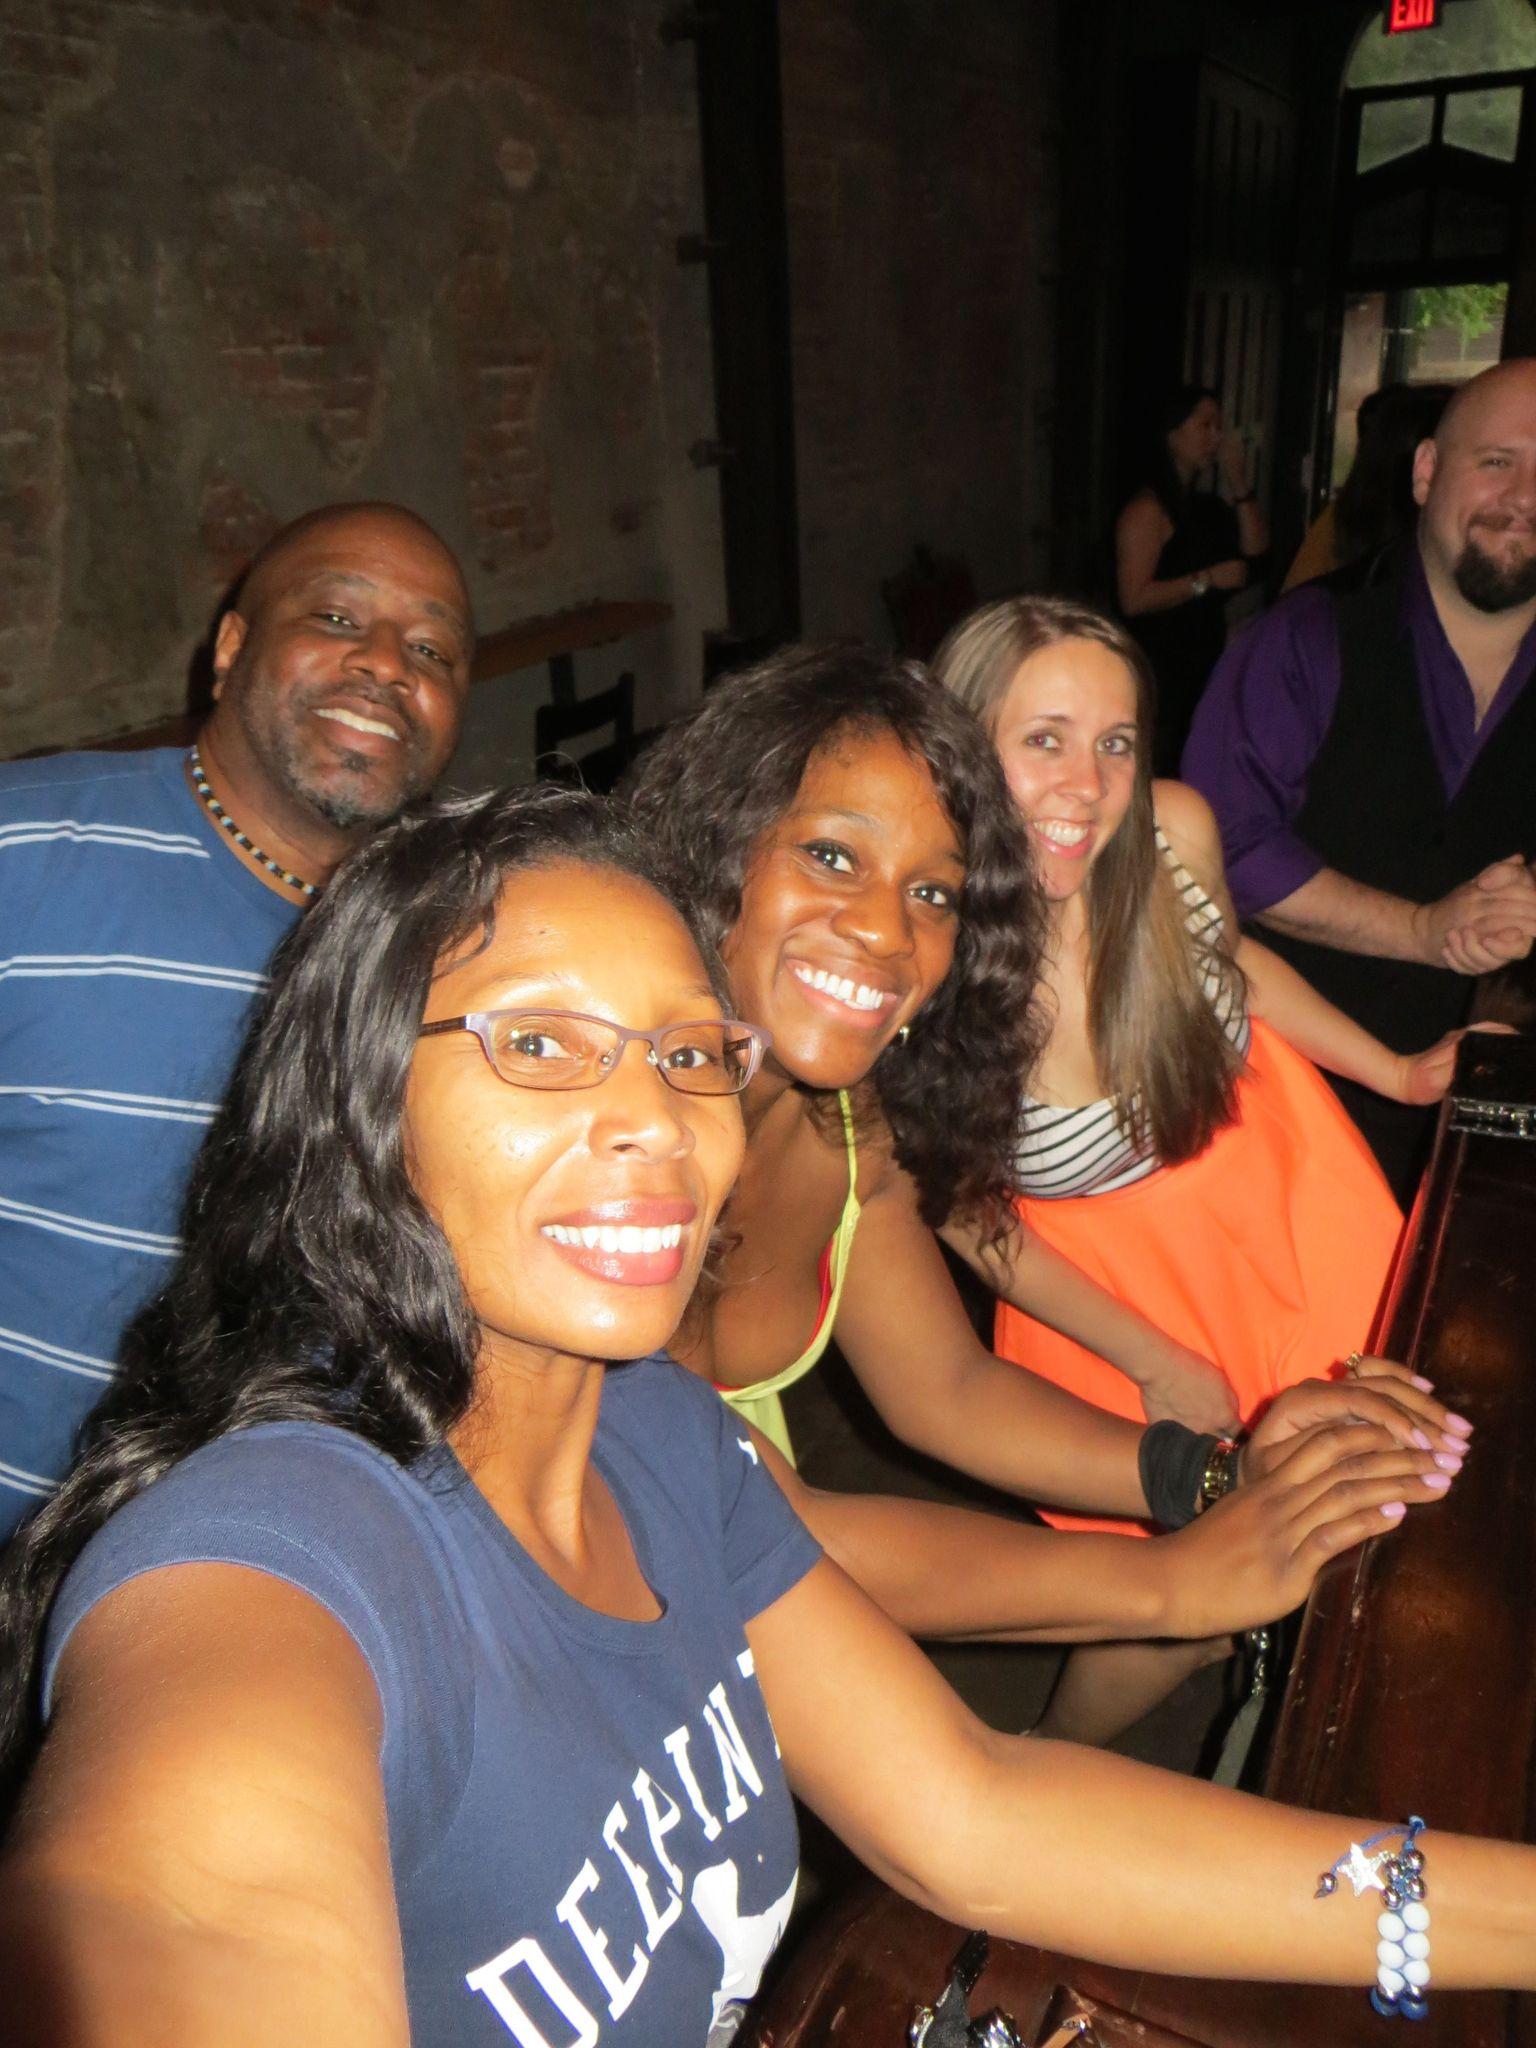 MÁS FOTOS, Visita a pubs históricos del casco antiguo de Houston